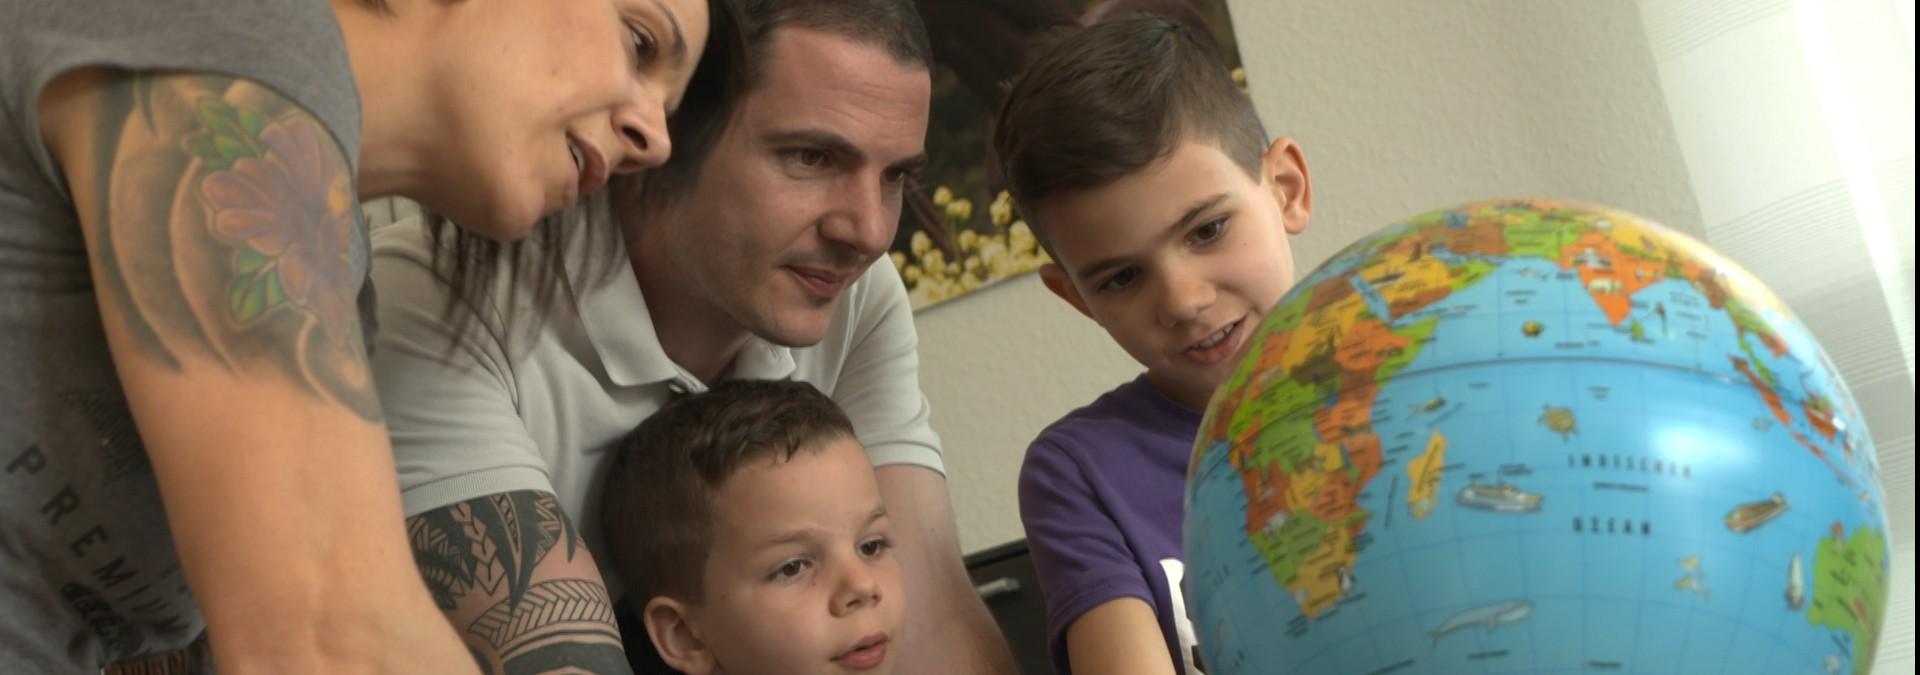 Eine Familie geht auf Weltreise